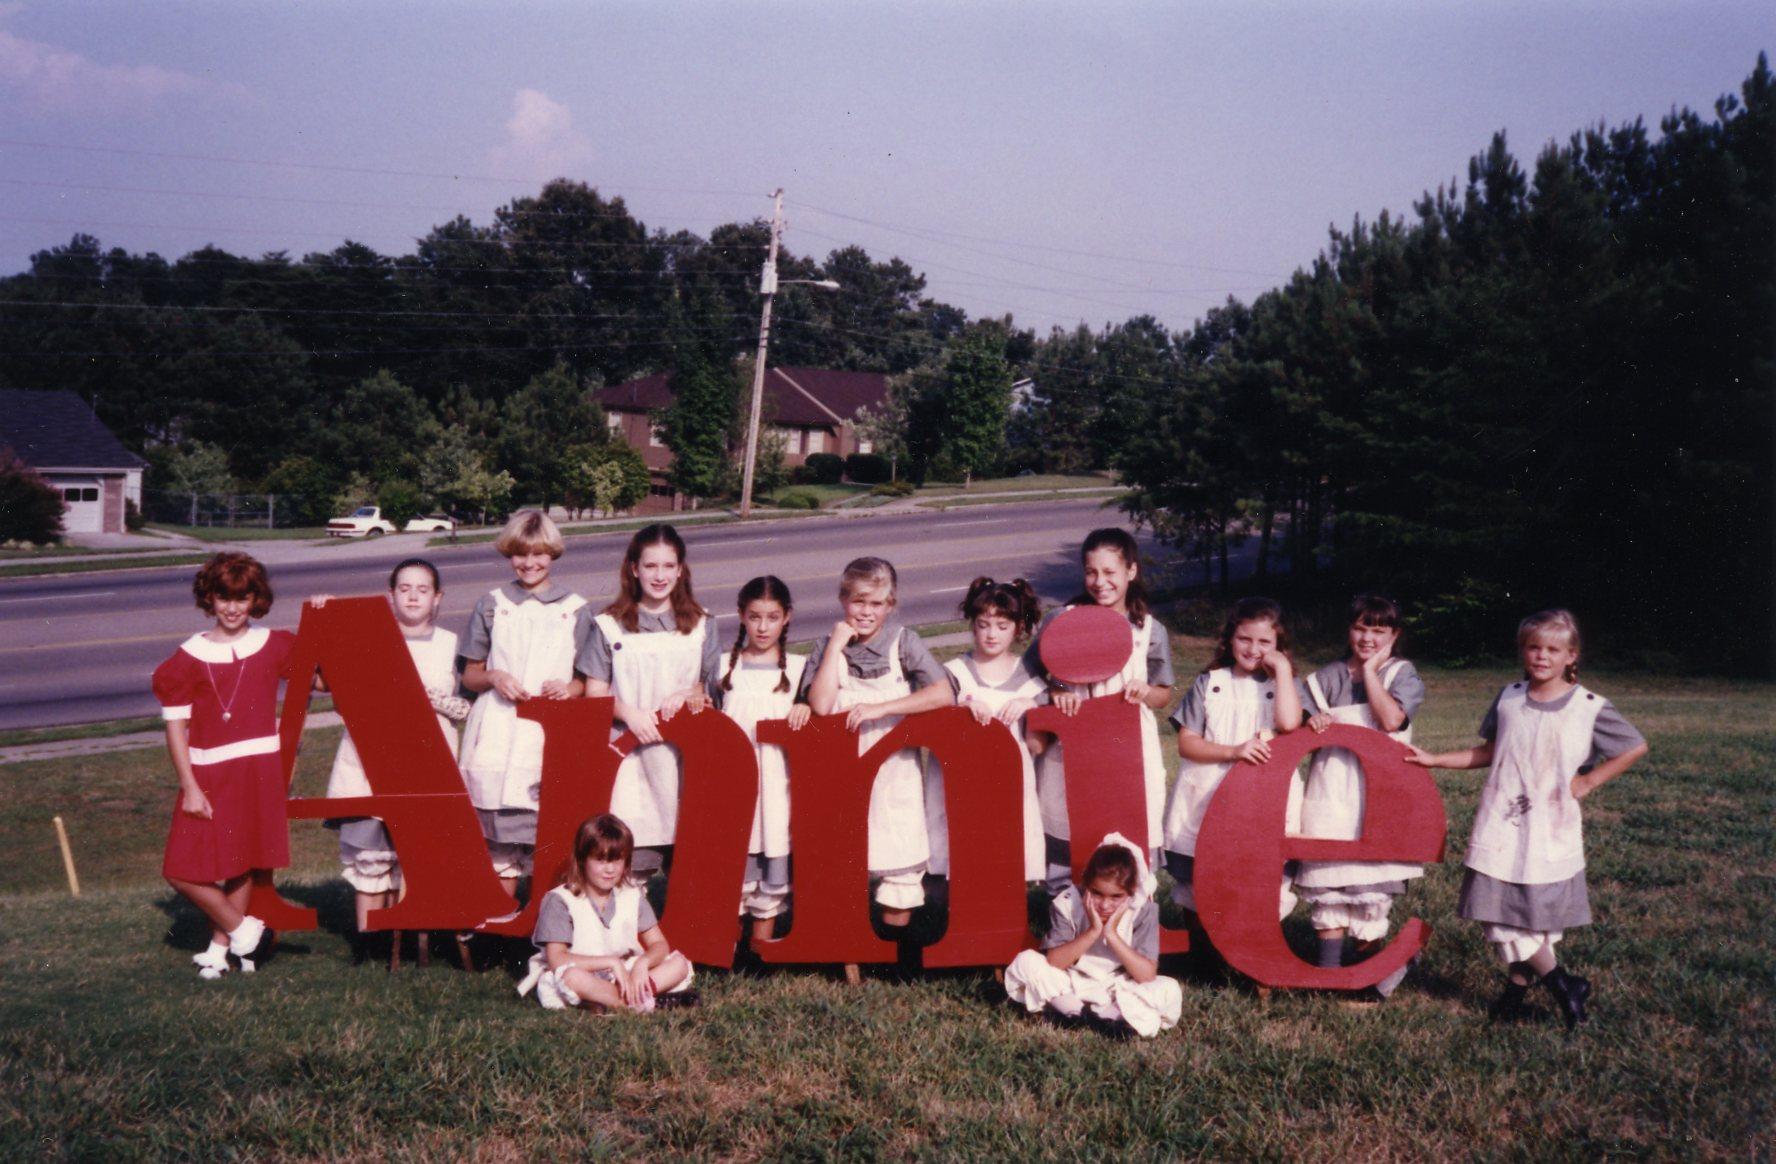 Annie - June 1993